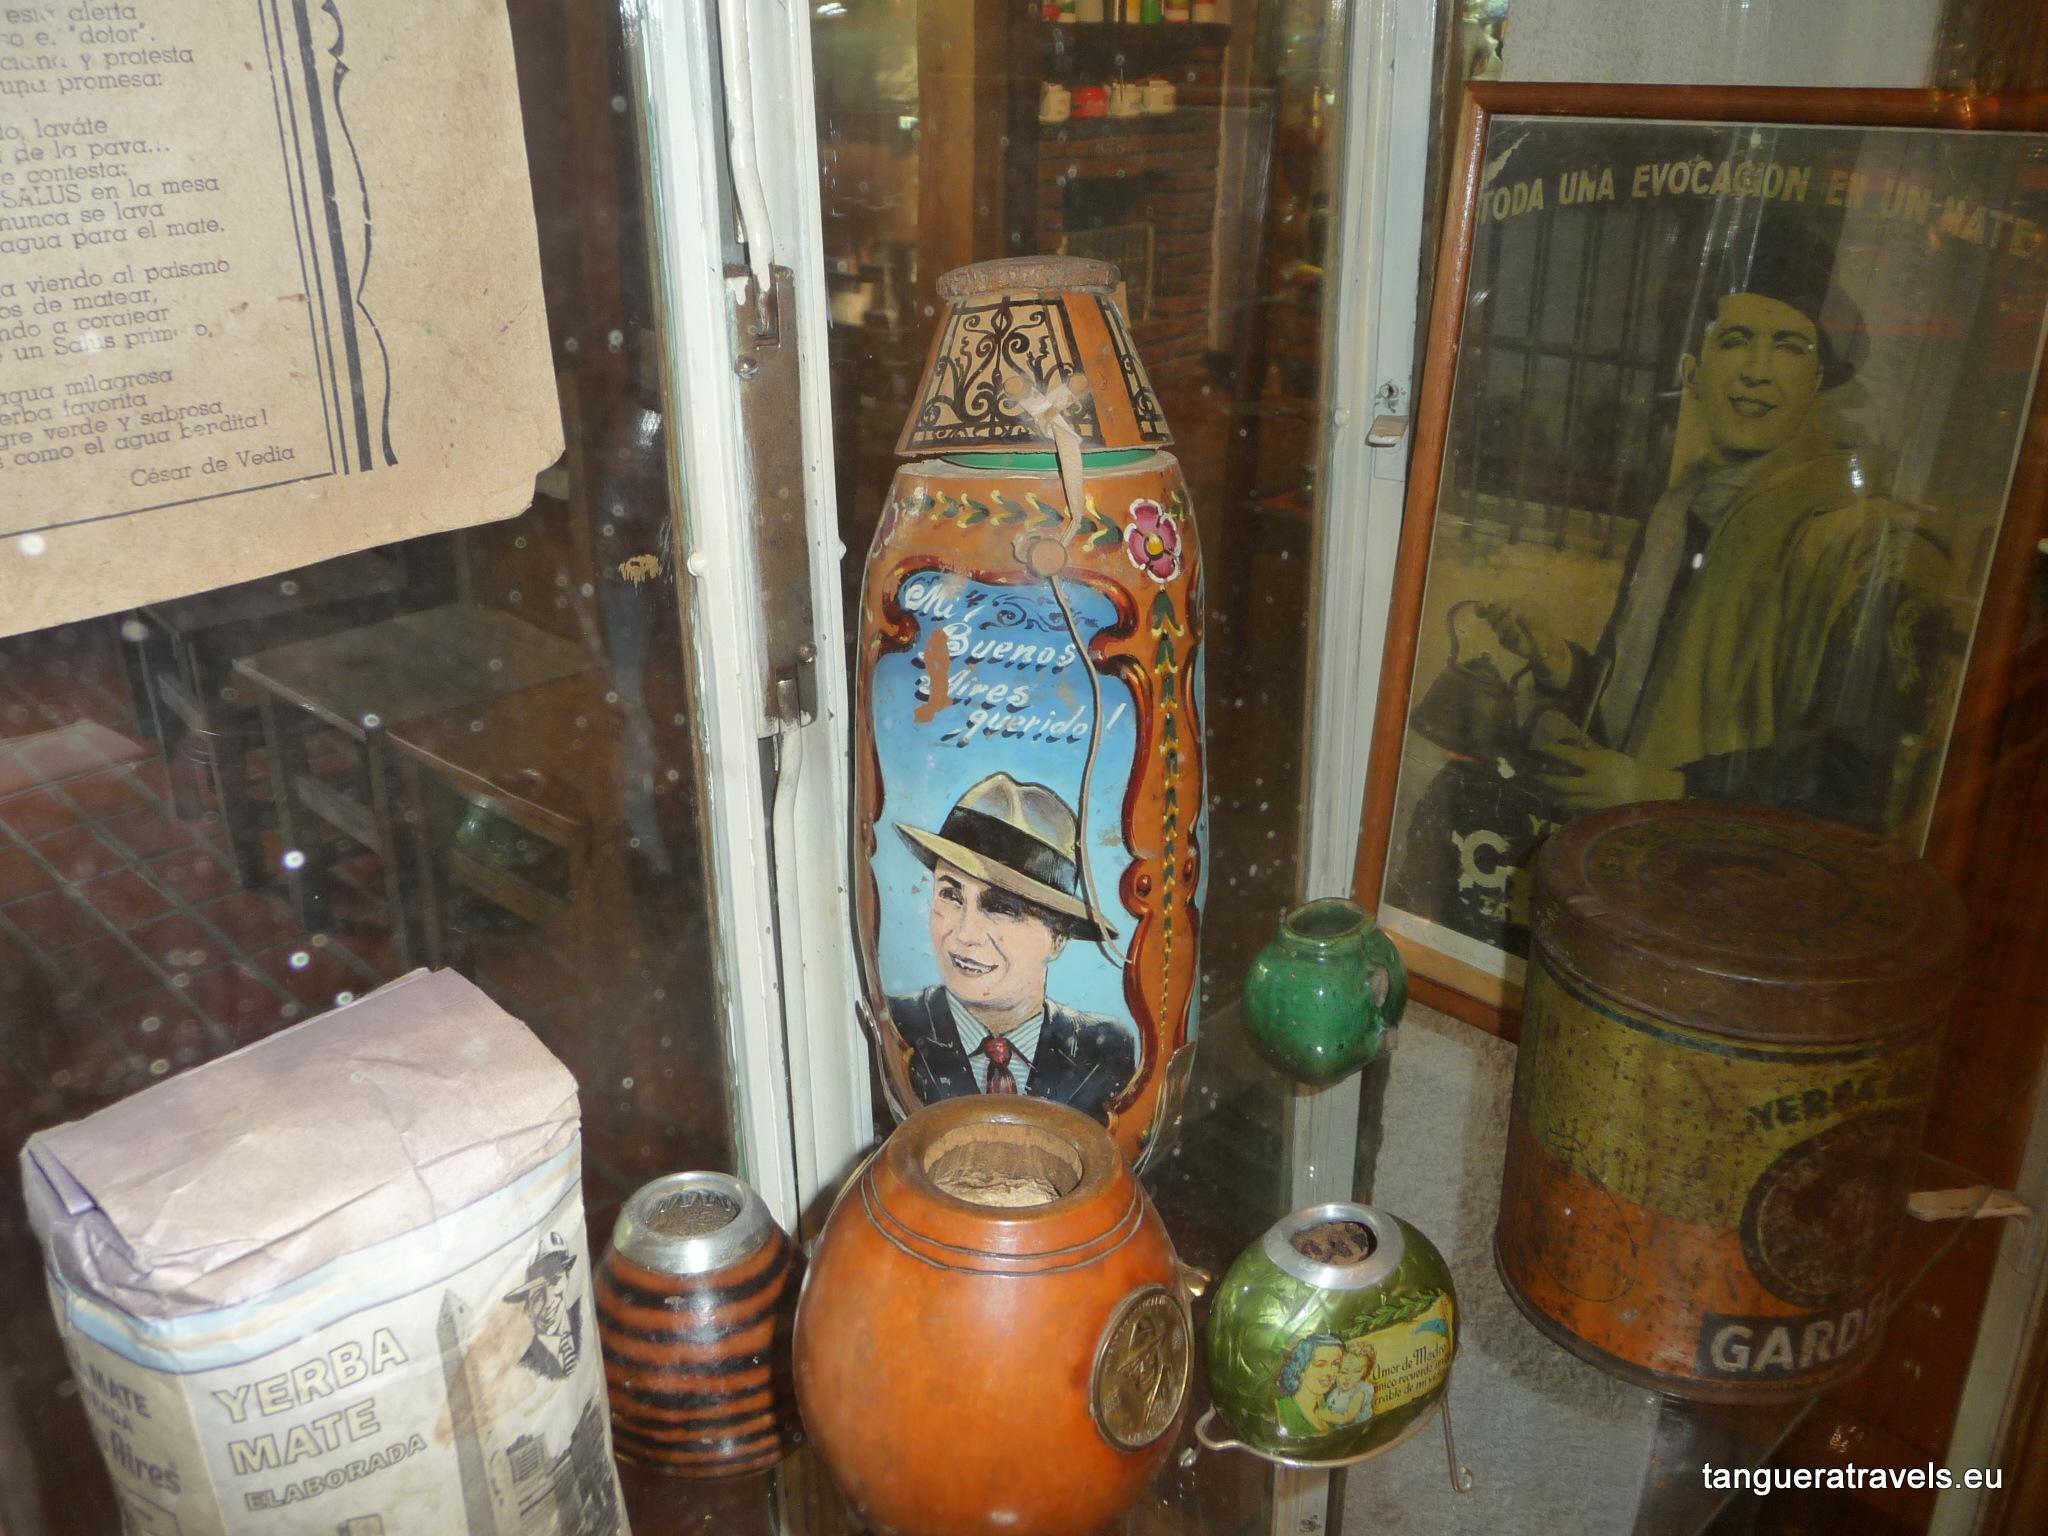 Gardel memorabilia, Museo del Maté, Tigre